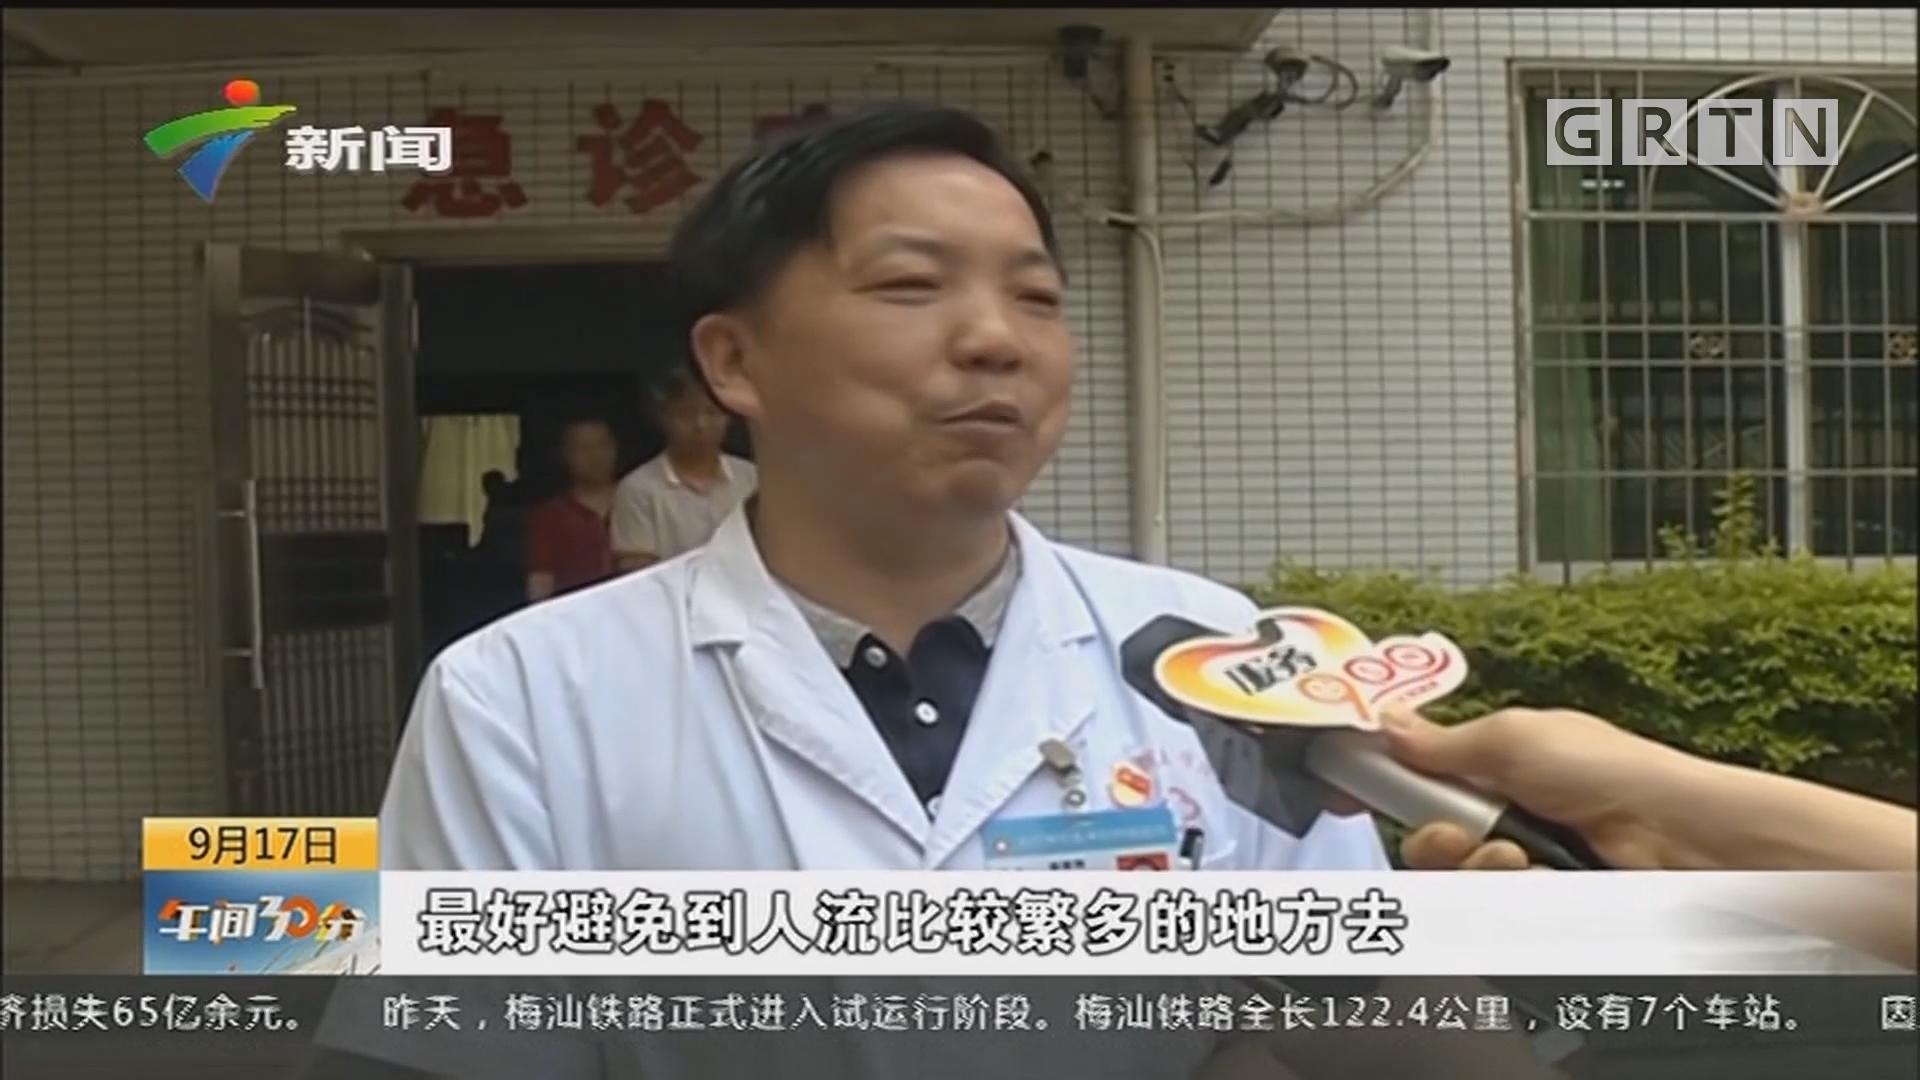 梅州:节后病人增两成 都是月饼以及吃得太油太饱惹的祸